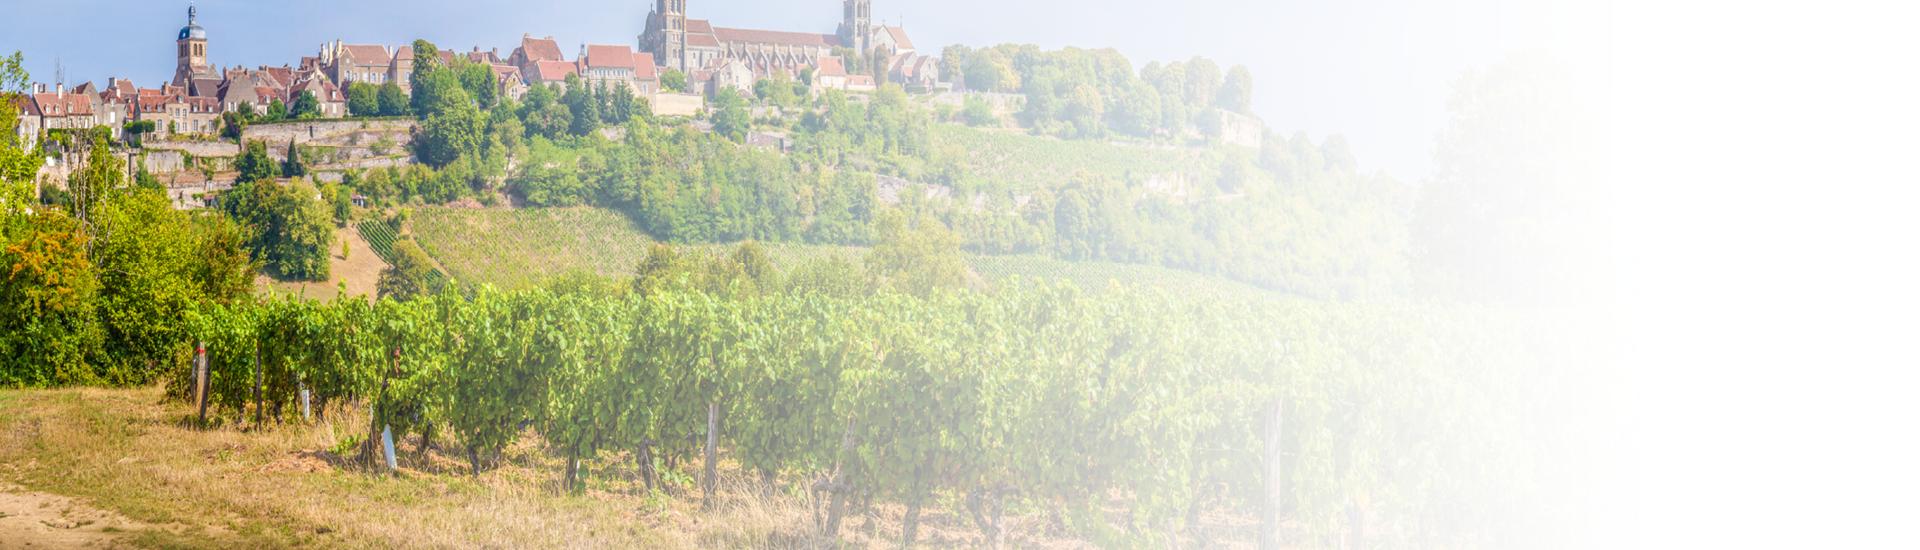 Weine - Auf ALLE Weine aus dem Burgund -20%! 02/2017 - Slider